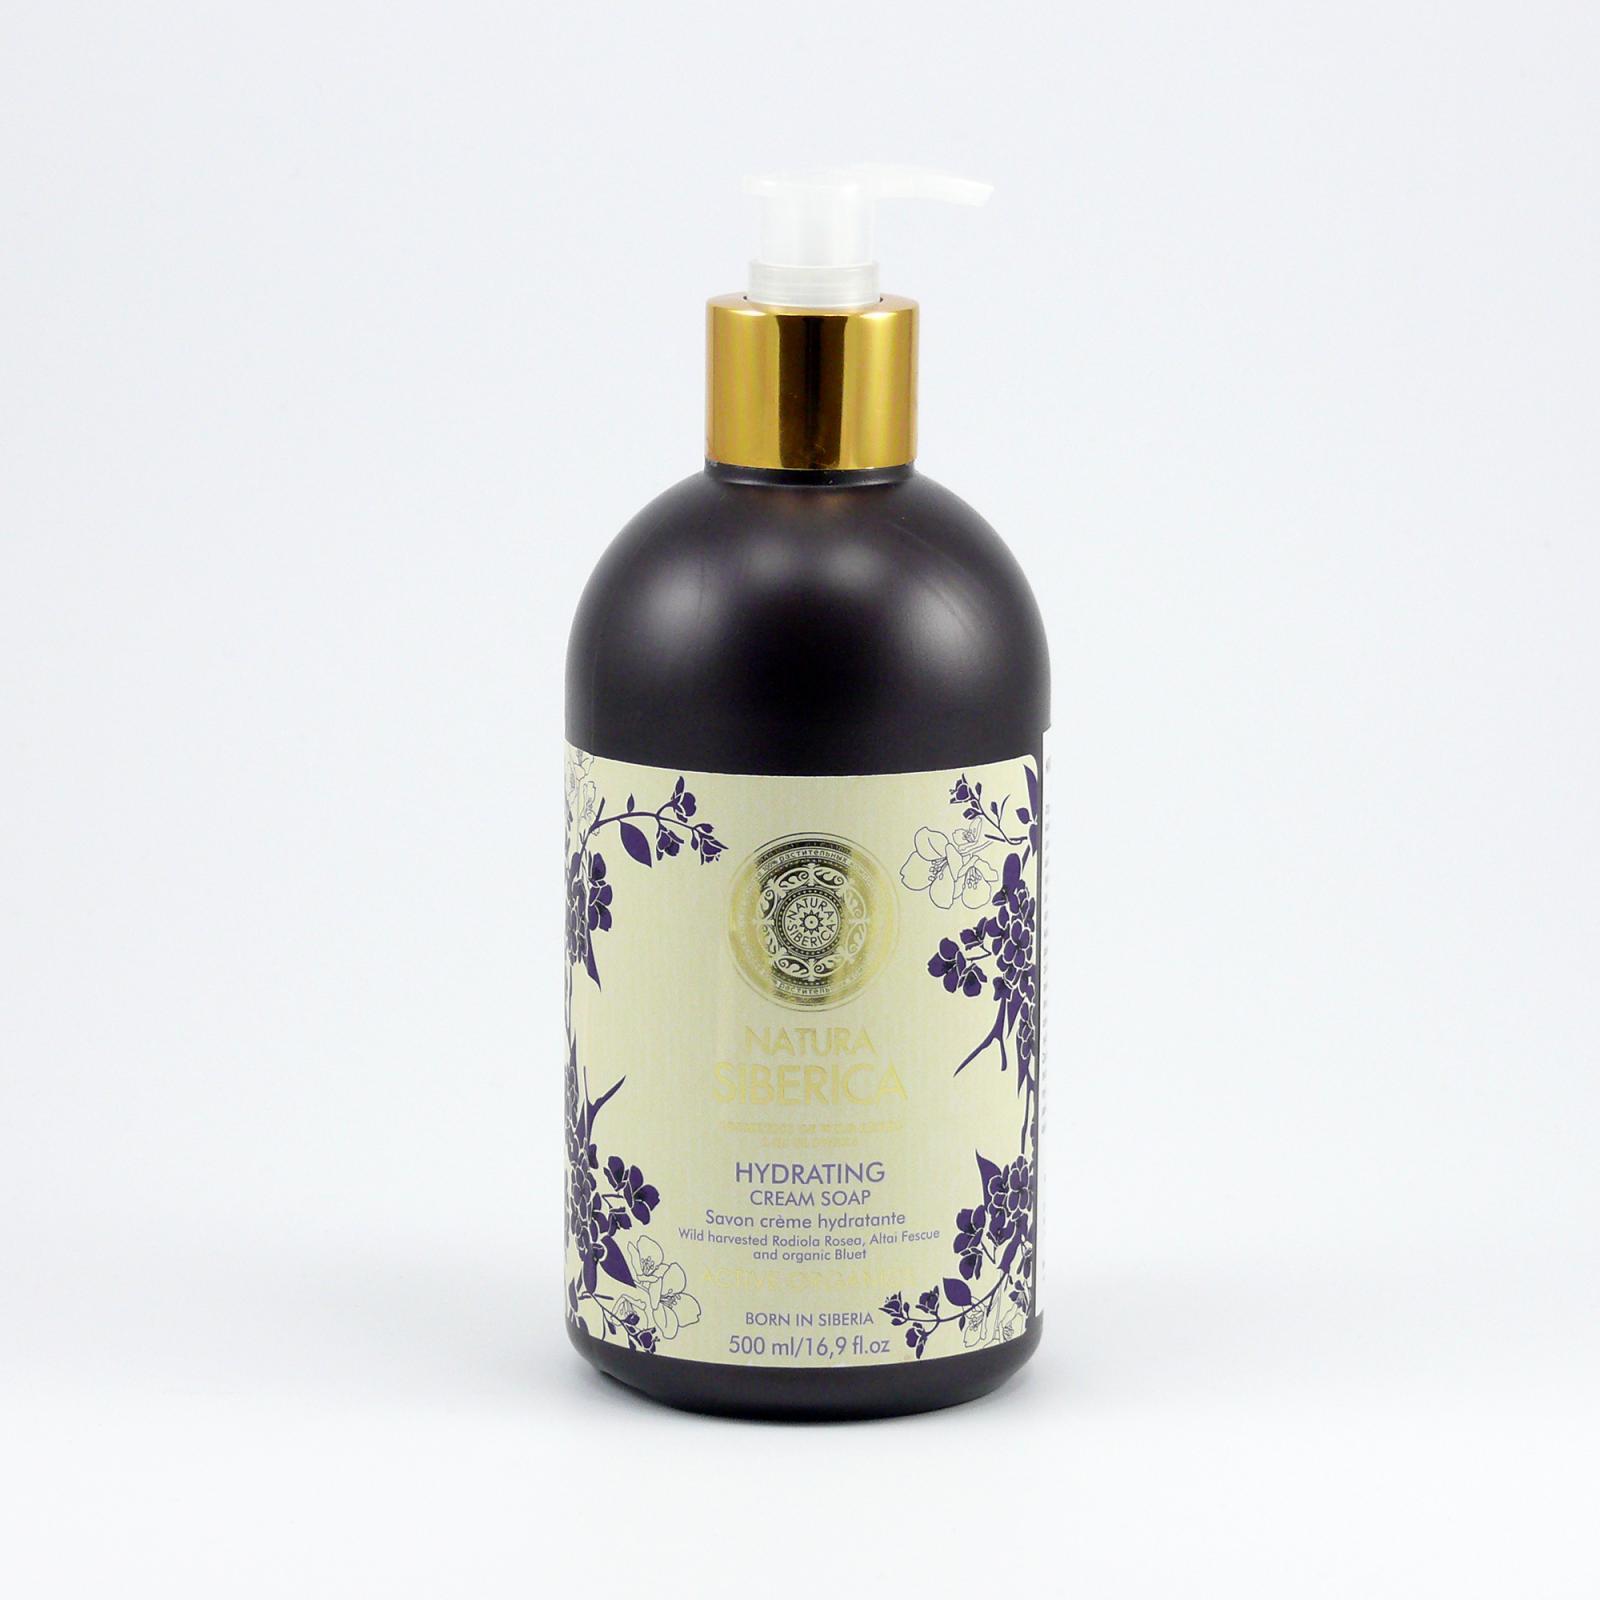 Natura Siberica Krémové mýdlo Zvlhčující 500 ml